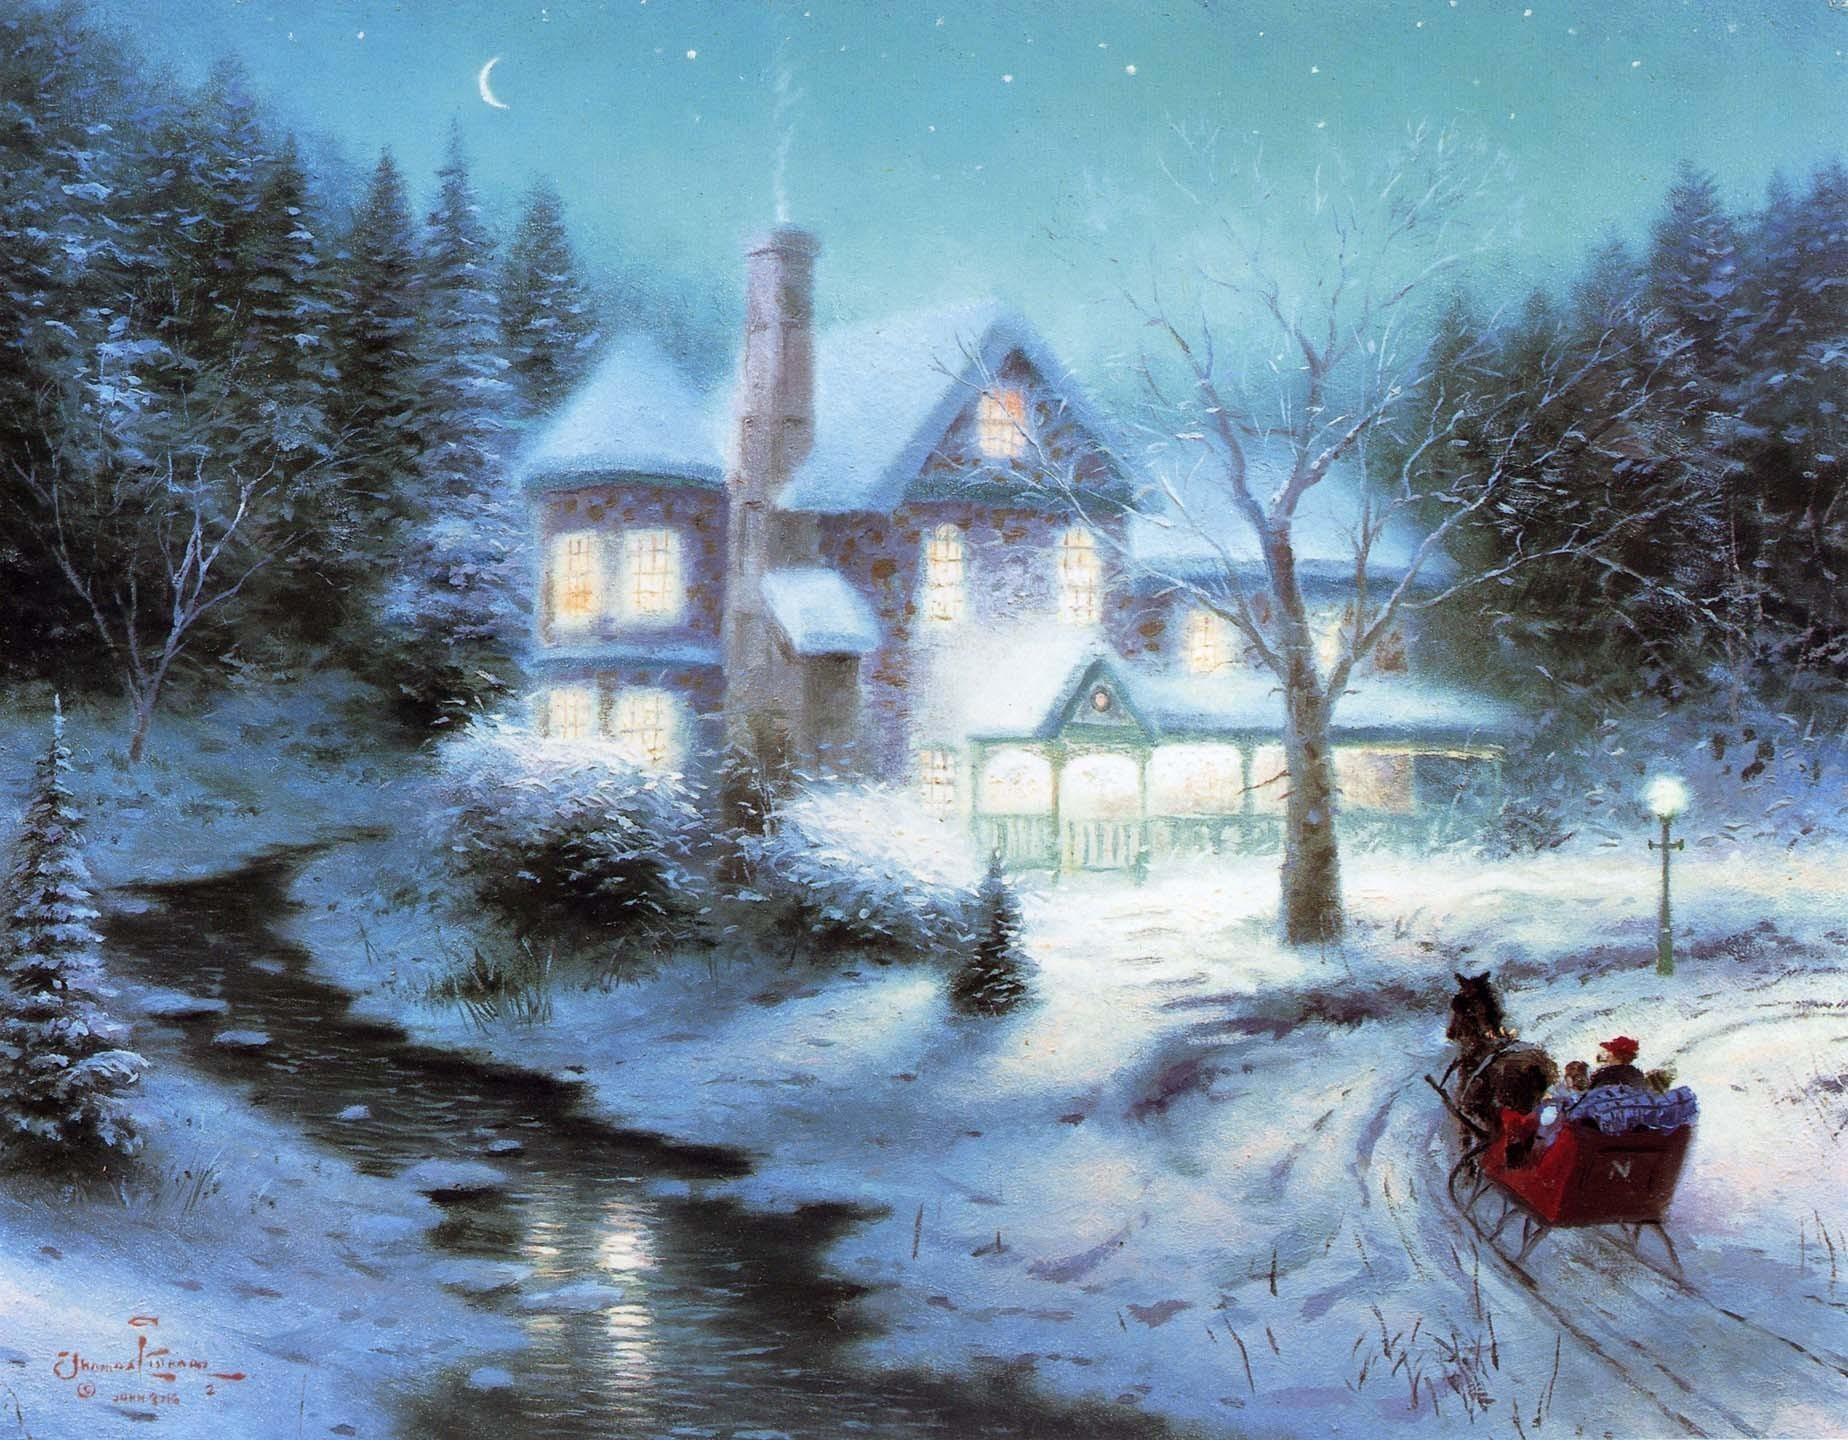 https://i2.wp.com/images4.fanpop.com/image/photos/23400000/Thomas-Kinkade-Winter-winter-23436579-1848-1440.jpg